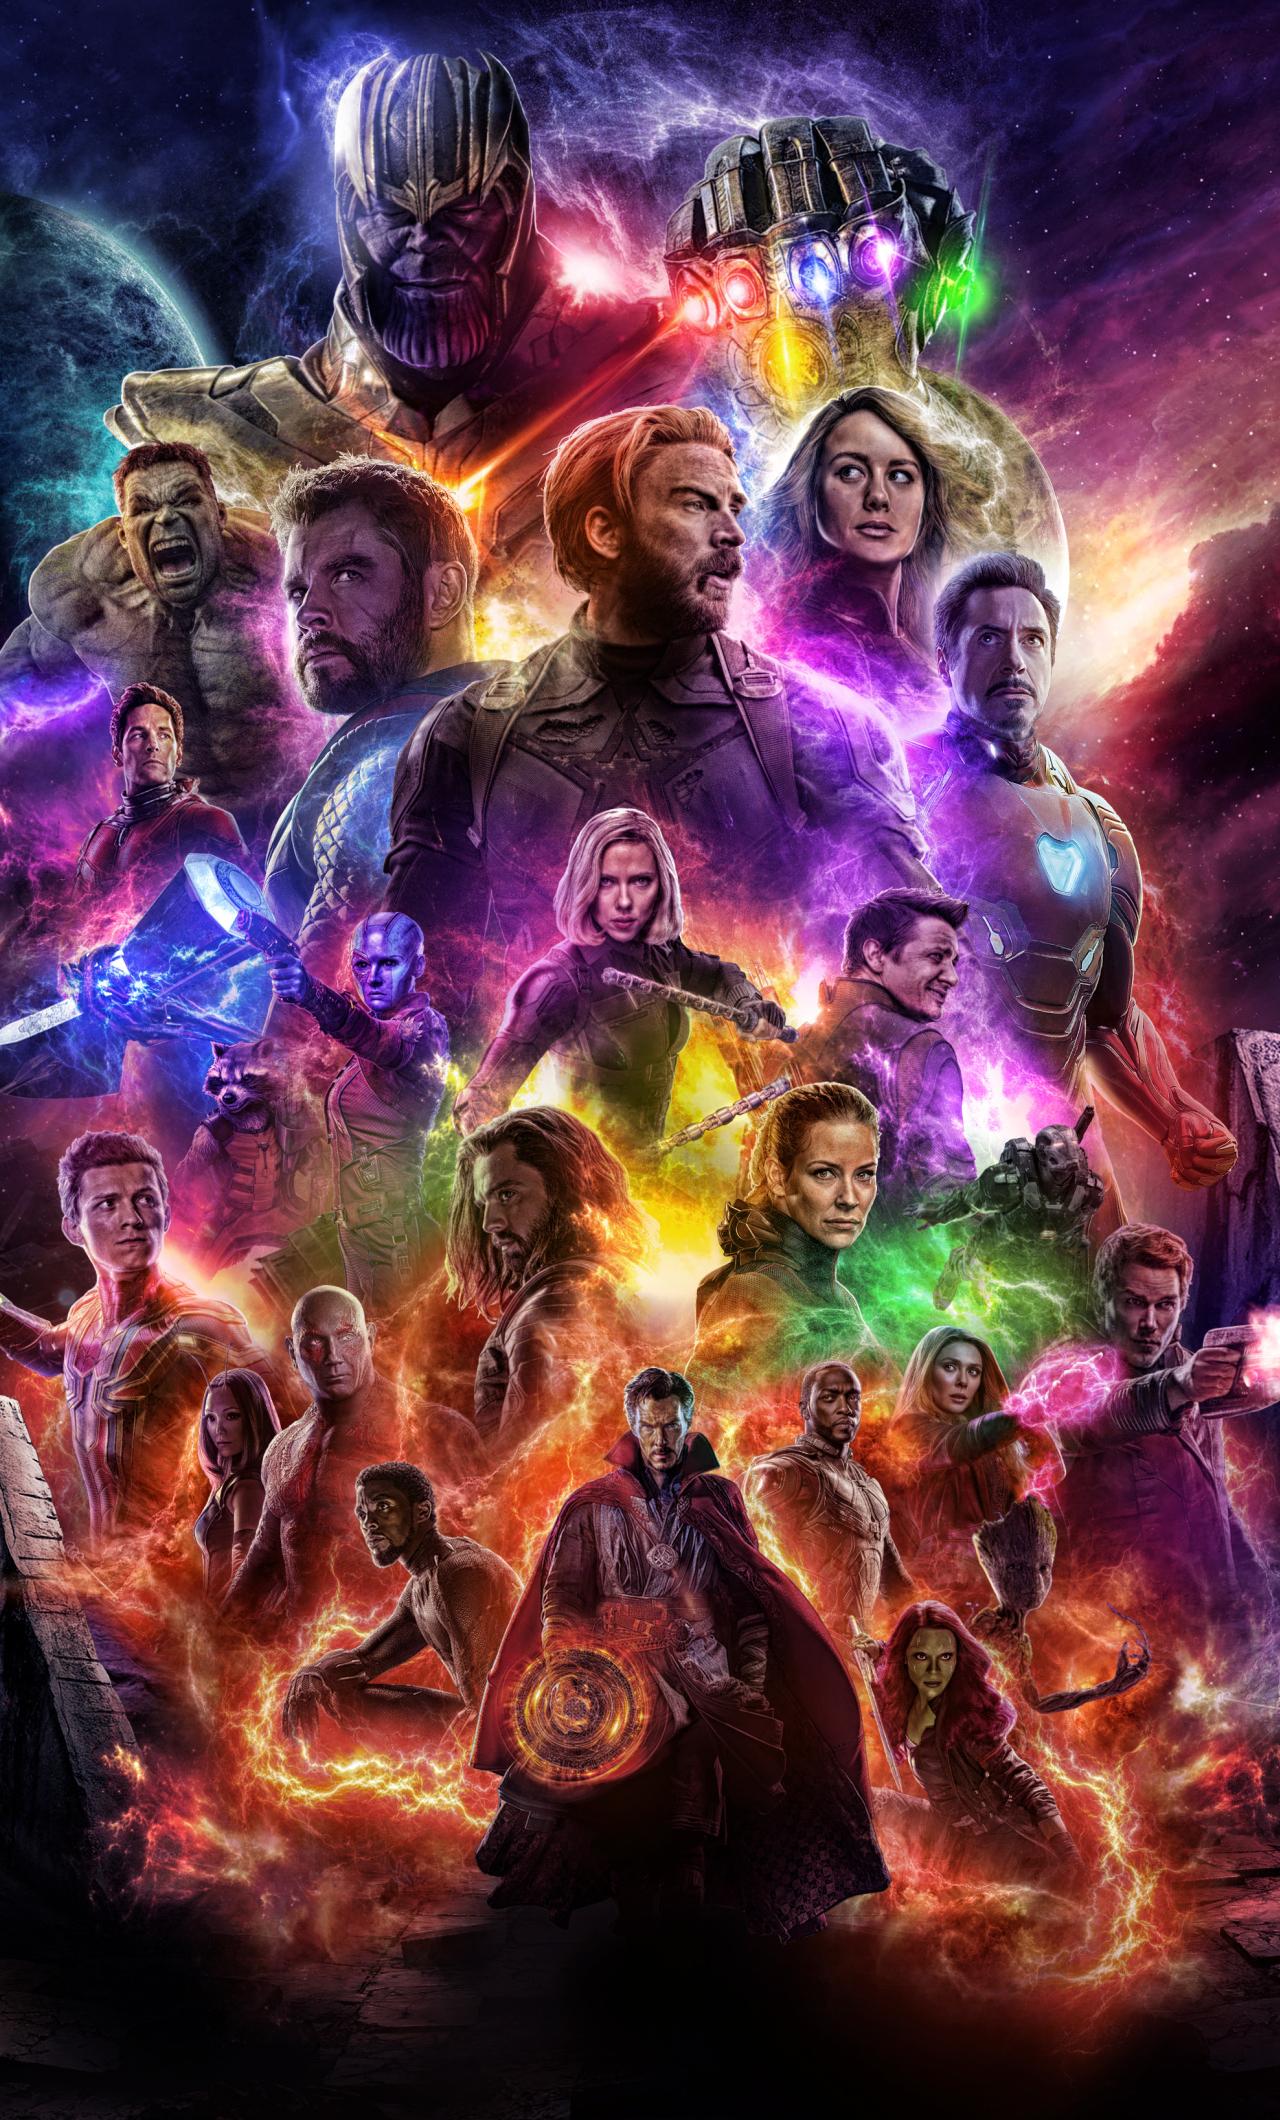 Avengers Endgame Hdfilme